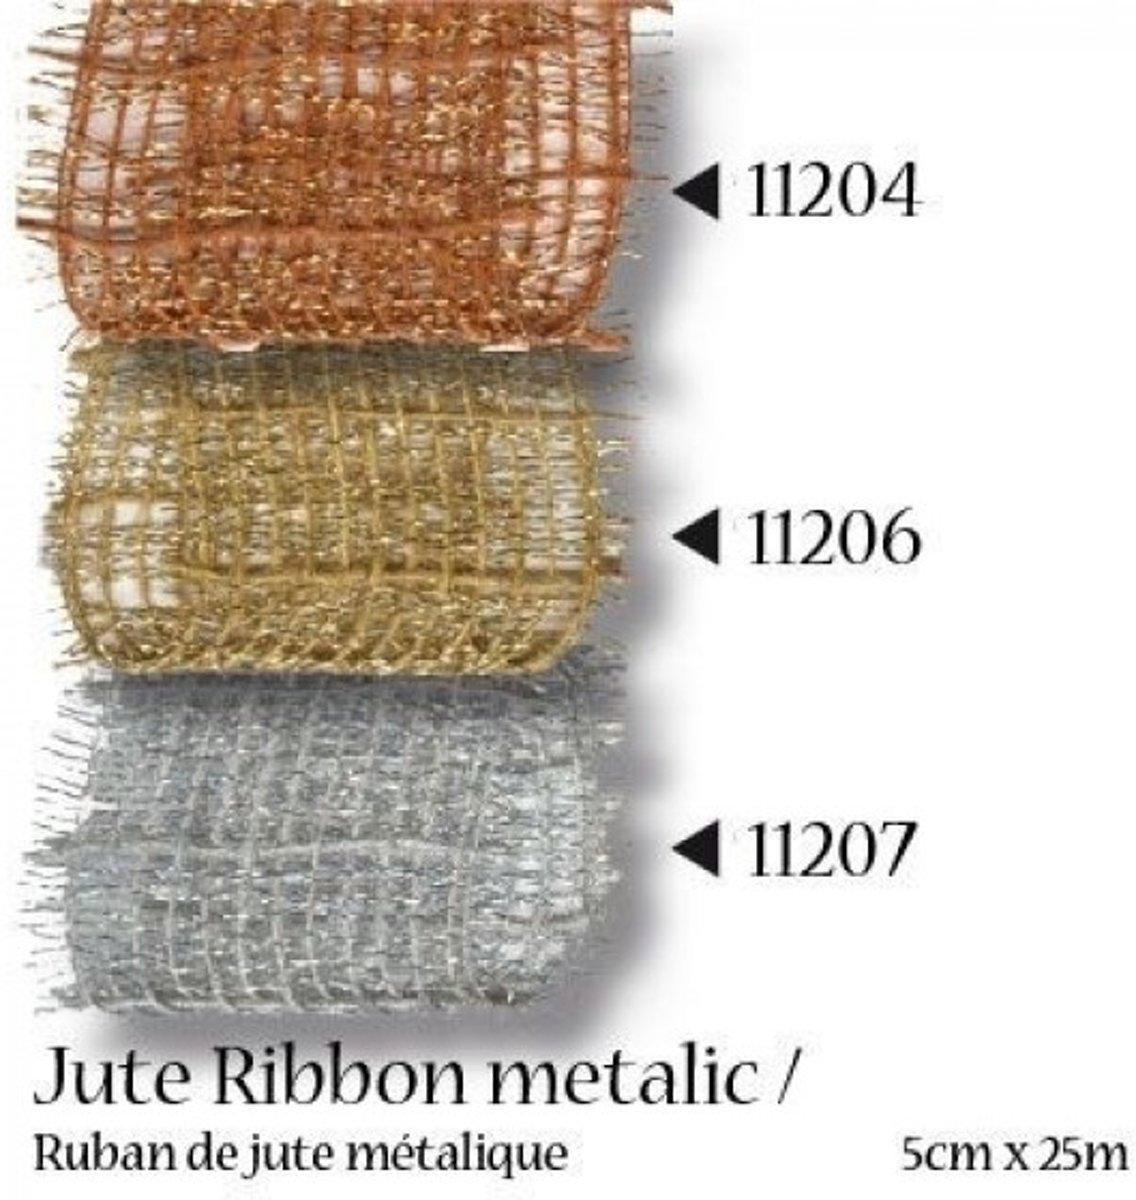 Afbeelding van product Juteband metallic 5cm 25m koper